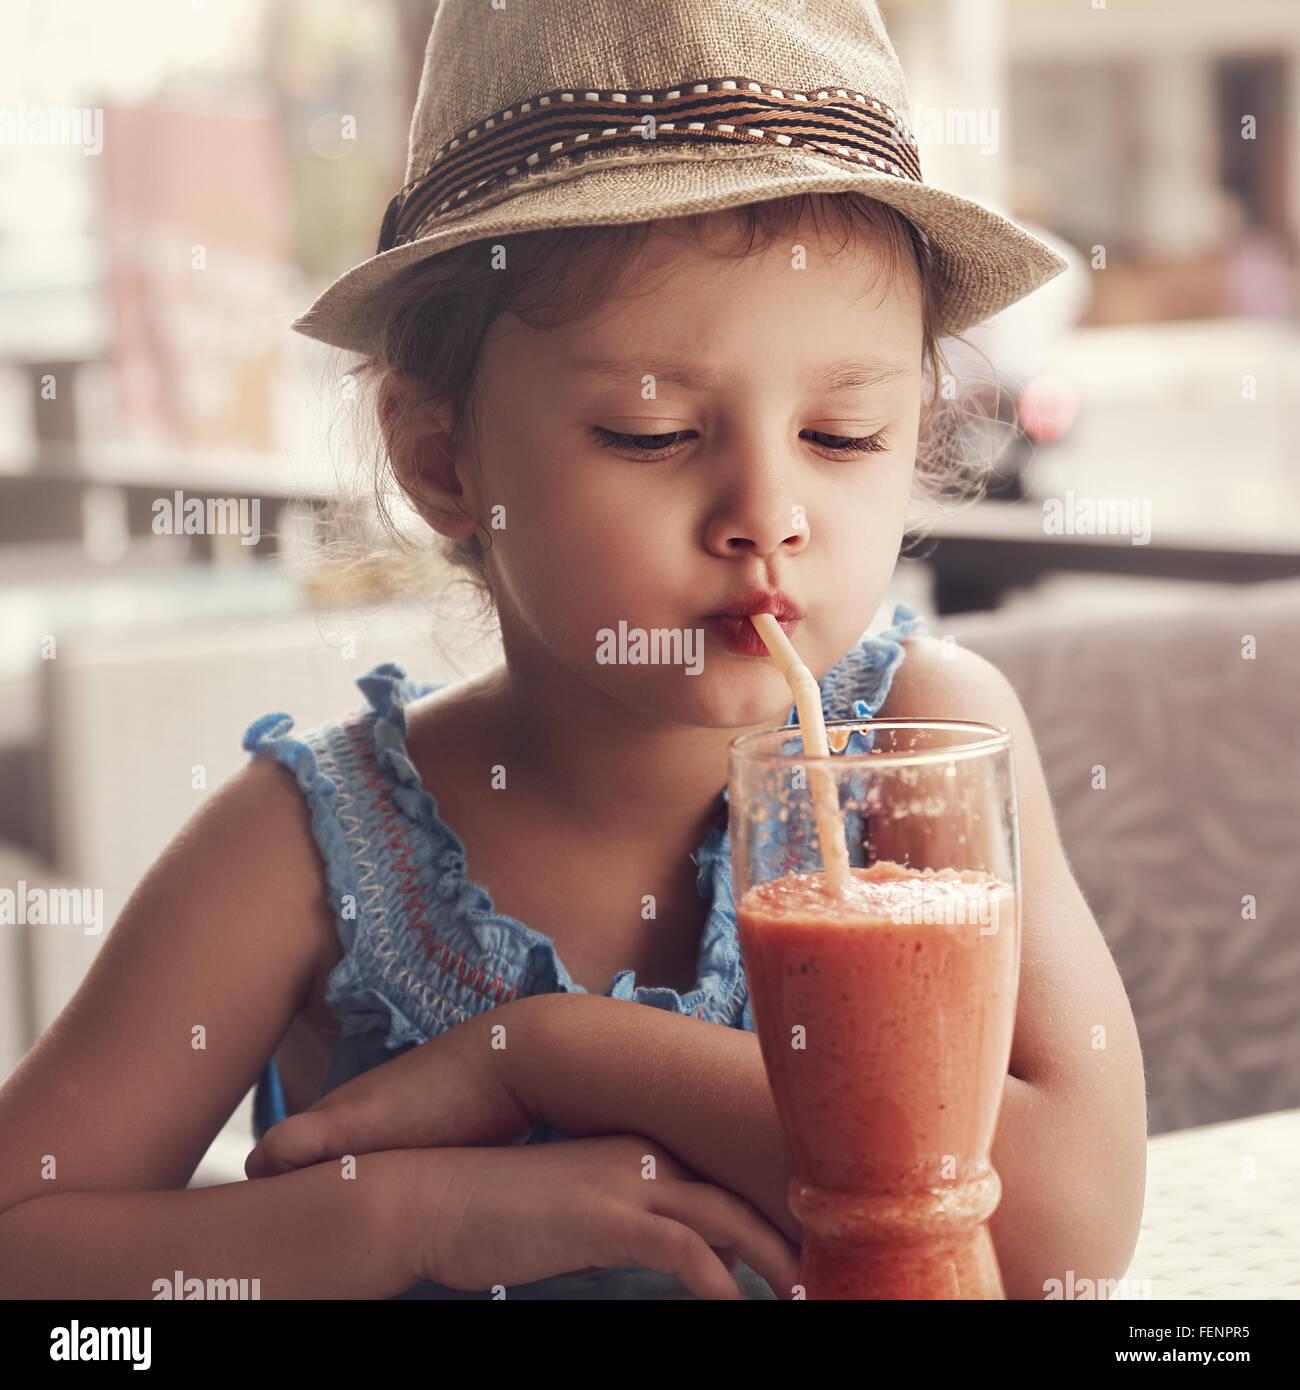 Divertimento kid ragazza in hat frullato di bere succo di vetro in street city cafe. Tonica closeup ritratto Immagini Stock